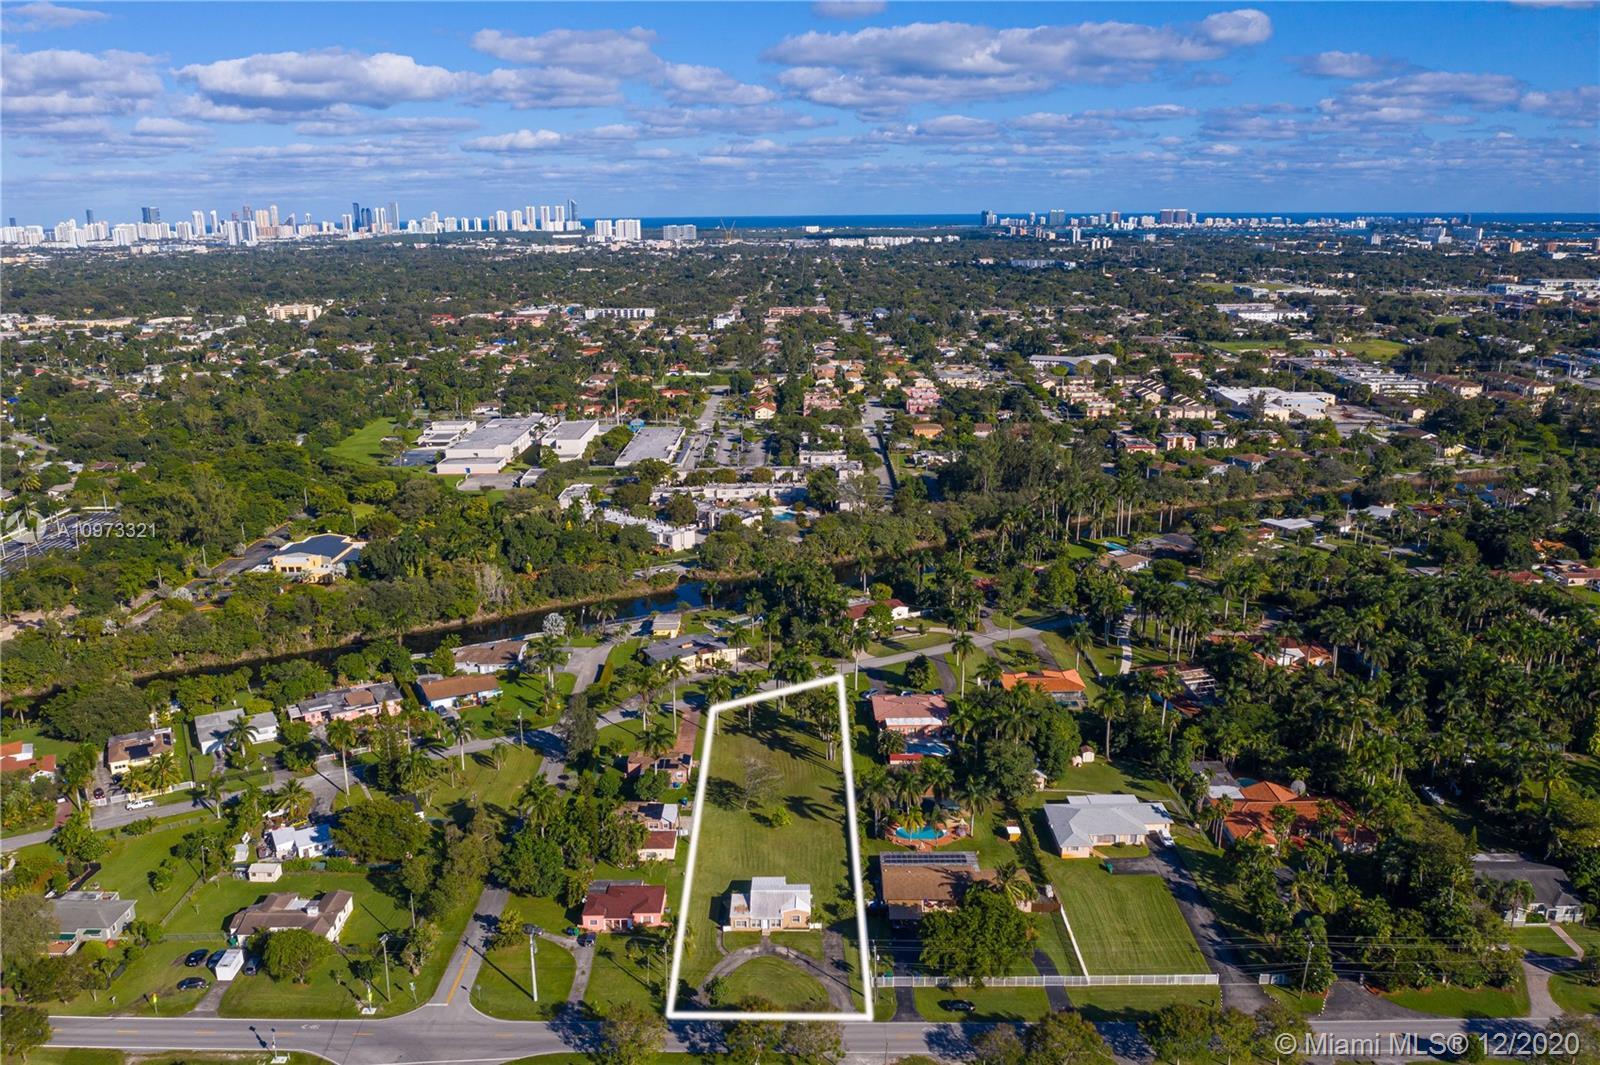 14225 N Miami Ave photo01